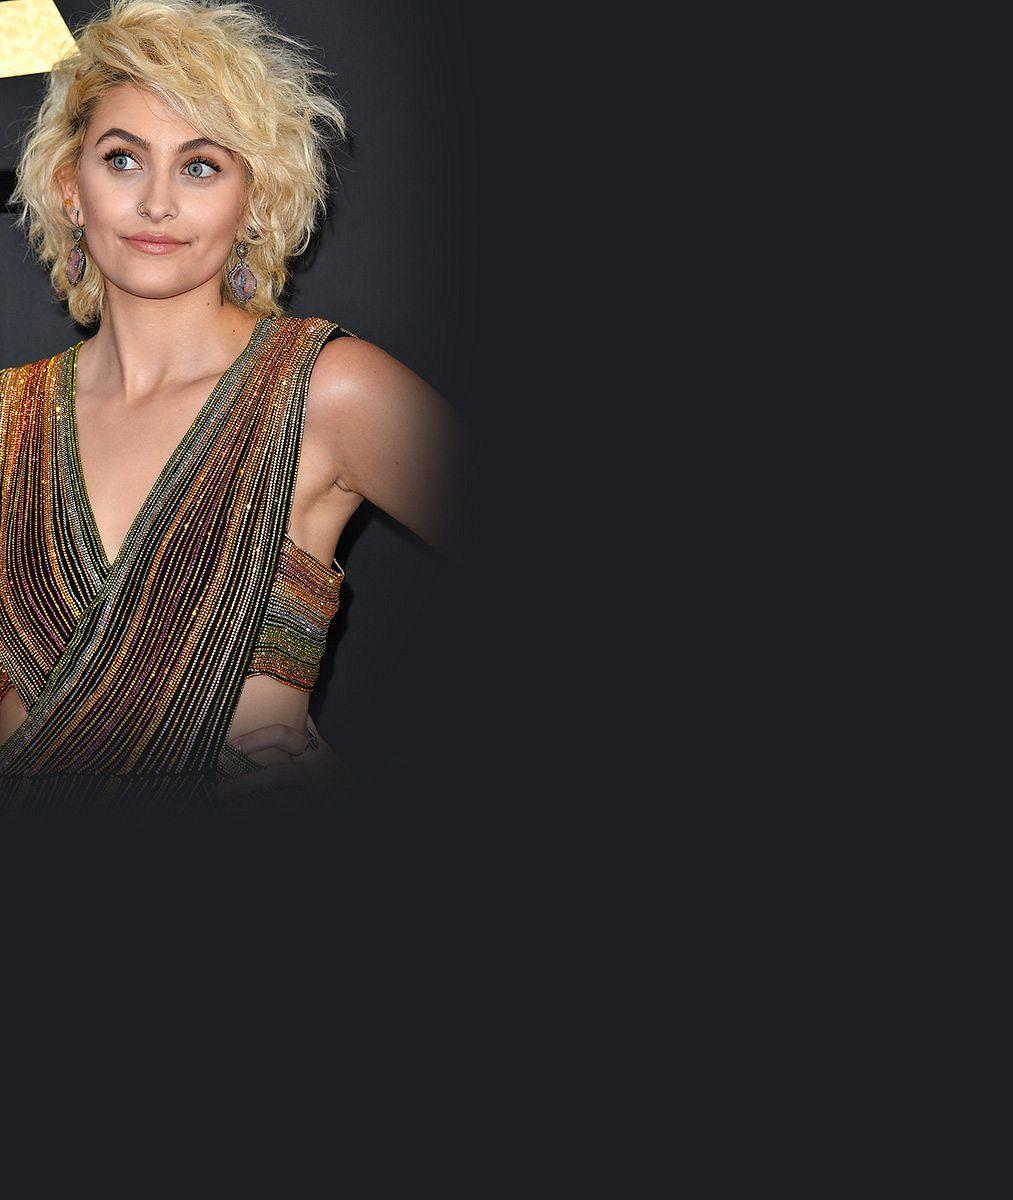 Dcera Michaela Jacksona na Grammy: Zatím ještě trochu vyjukaná, ale okouzlující!